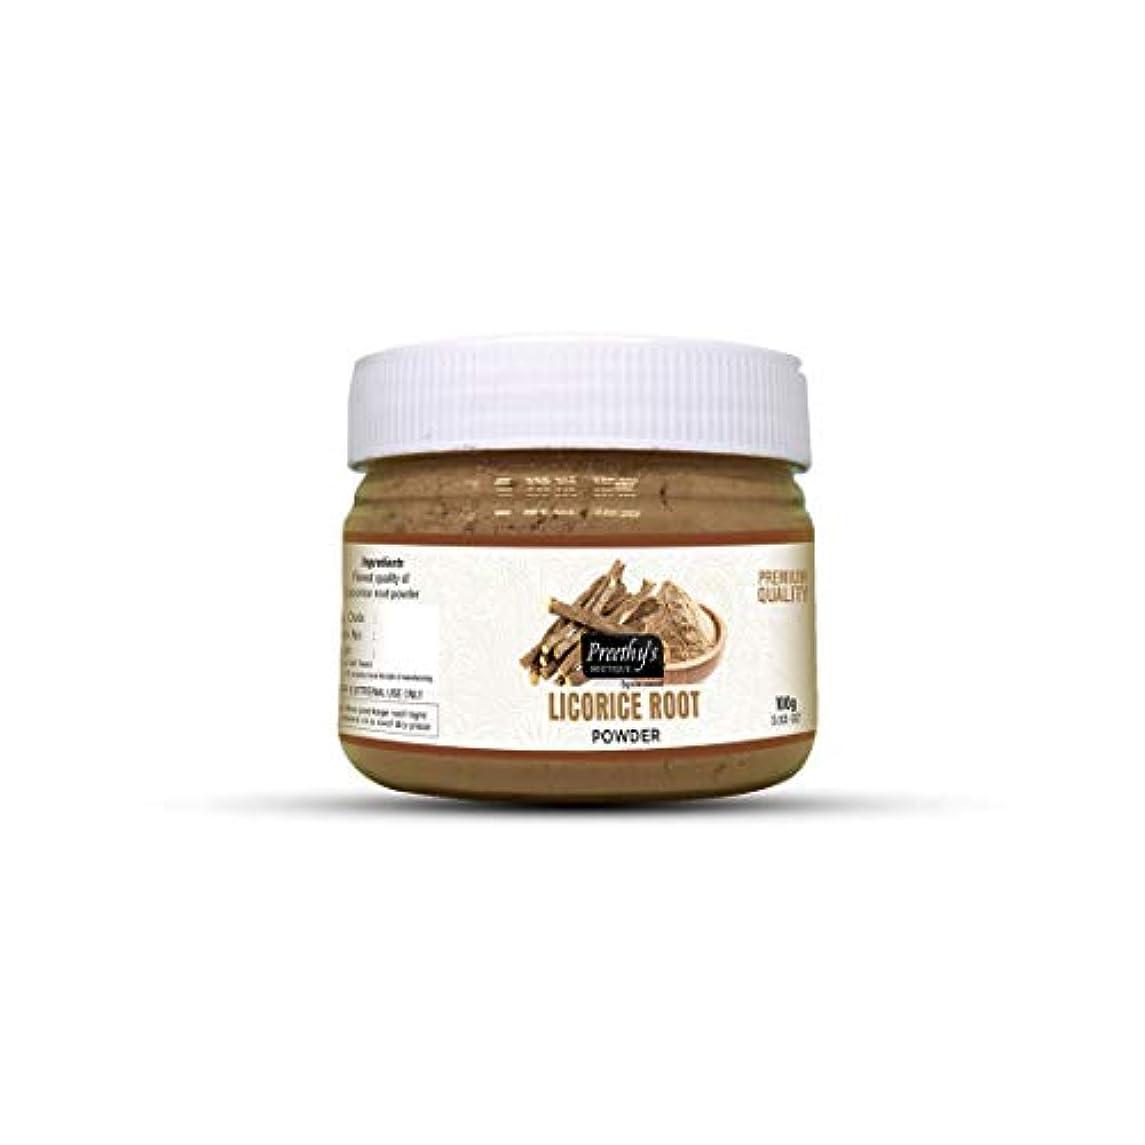 なぜロッド付録Licorice (Mulethi) Powder For Skin Whitening 100 Grams - Natural Remedies for Skin disorders - Helps to diminish and lighten dark spots, age spots, blackheads, whiteheads - 100グラムを白くする肌用の甘草(Mulethi)パウダー-スキンブライトニング-ダークスポット、エイジスポット、にきび、ホワイトヘッドを減らして明るくするのに役立ちます